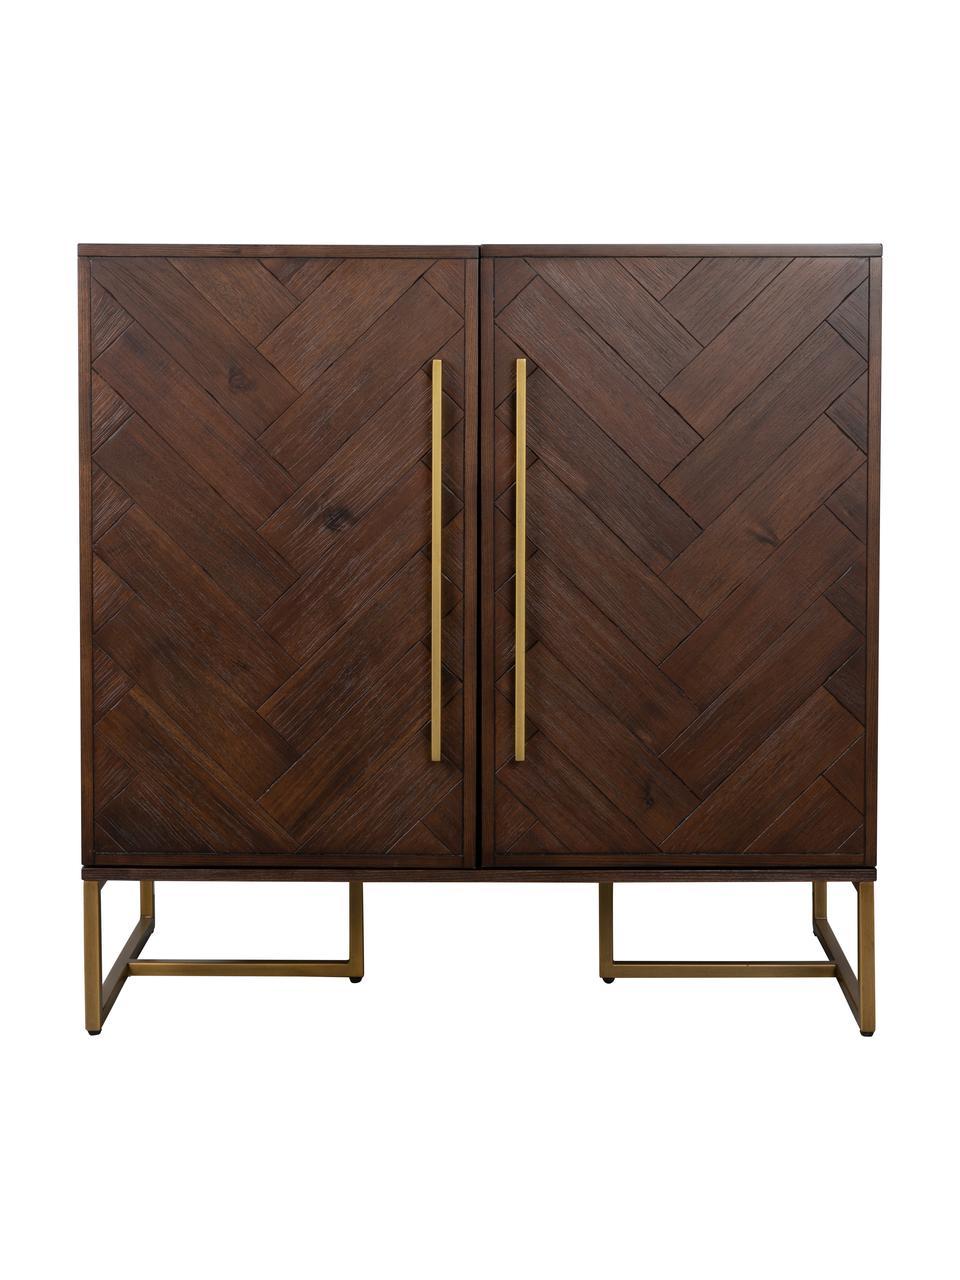 Szafka barowa z drewna akacjowego Class, Korpus: płyta pilśniowa średniej , Drewno akacjowe, odcienie mosiądzu, S 100 x W 100 cm